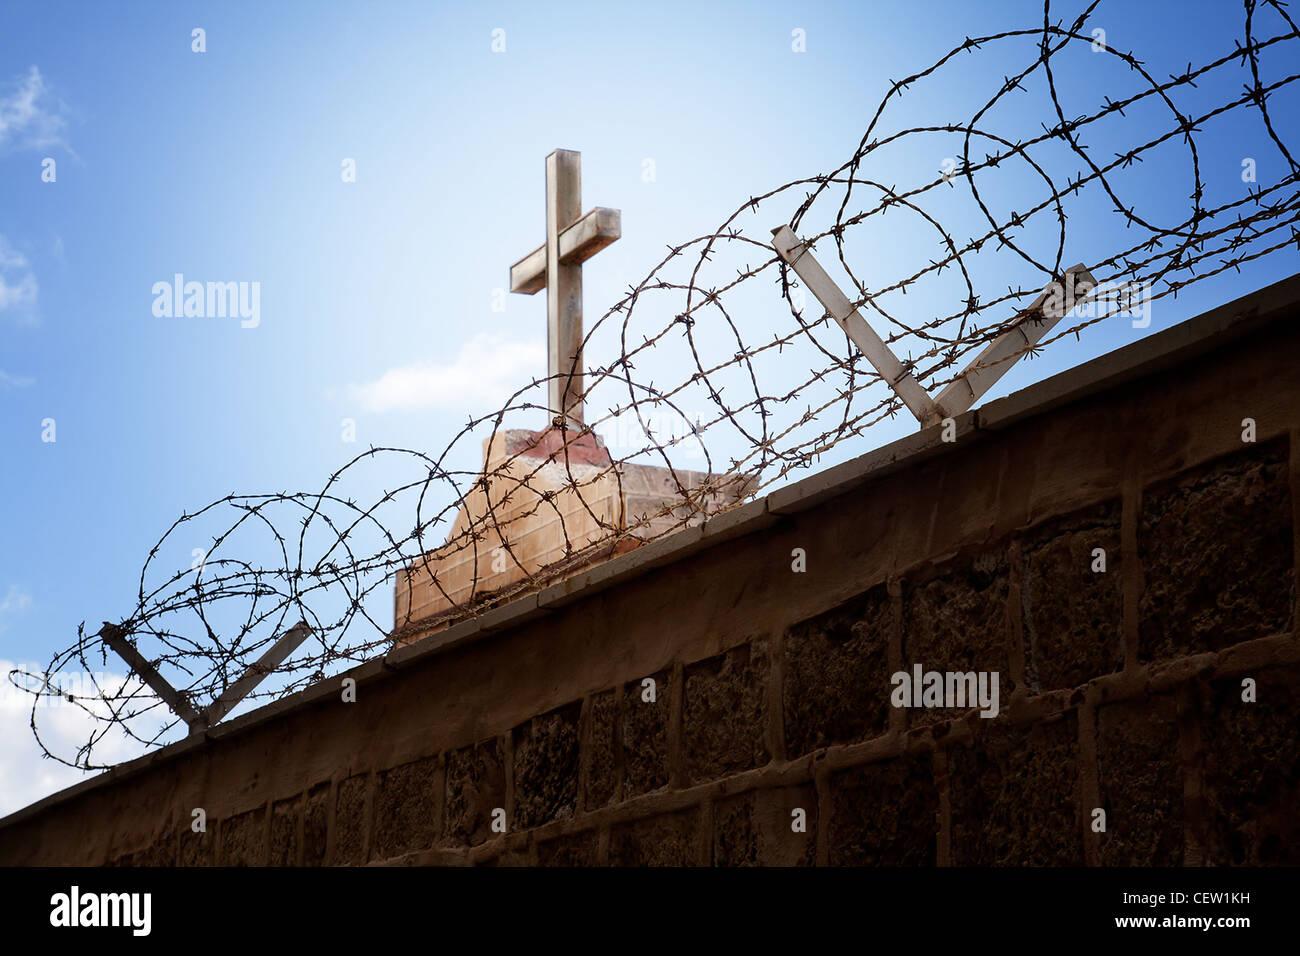 La guerra y el concepto de religión - Cruz y alambre de púas a lo largo de blue sky Imagen De Stock